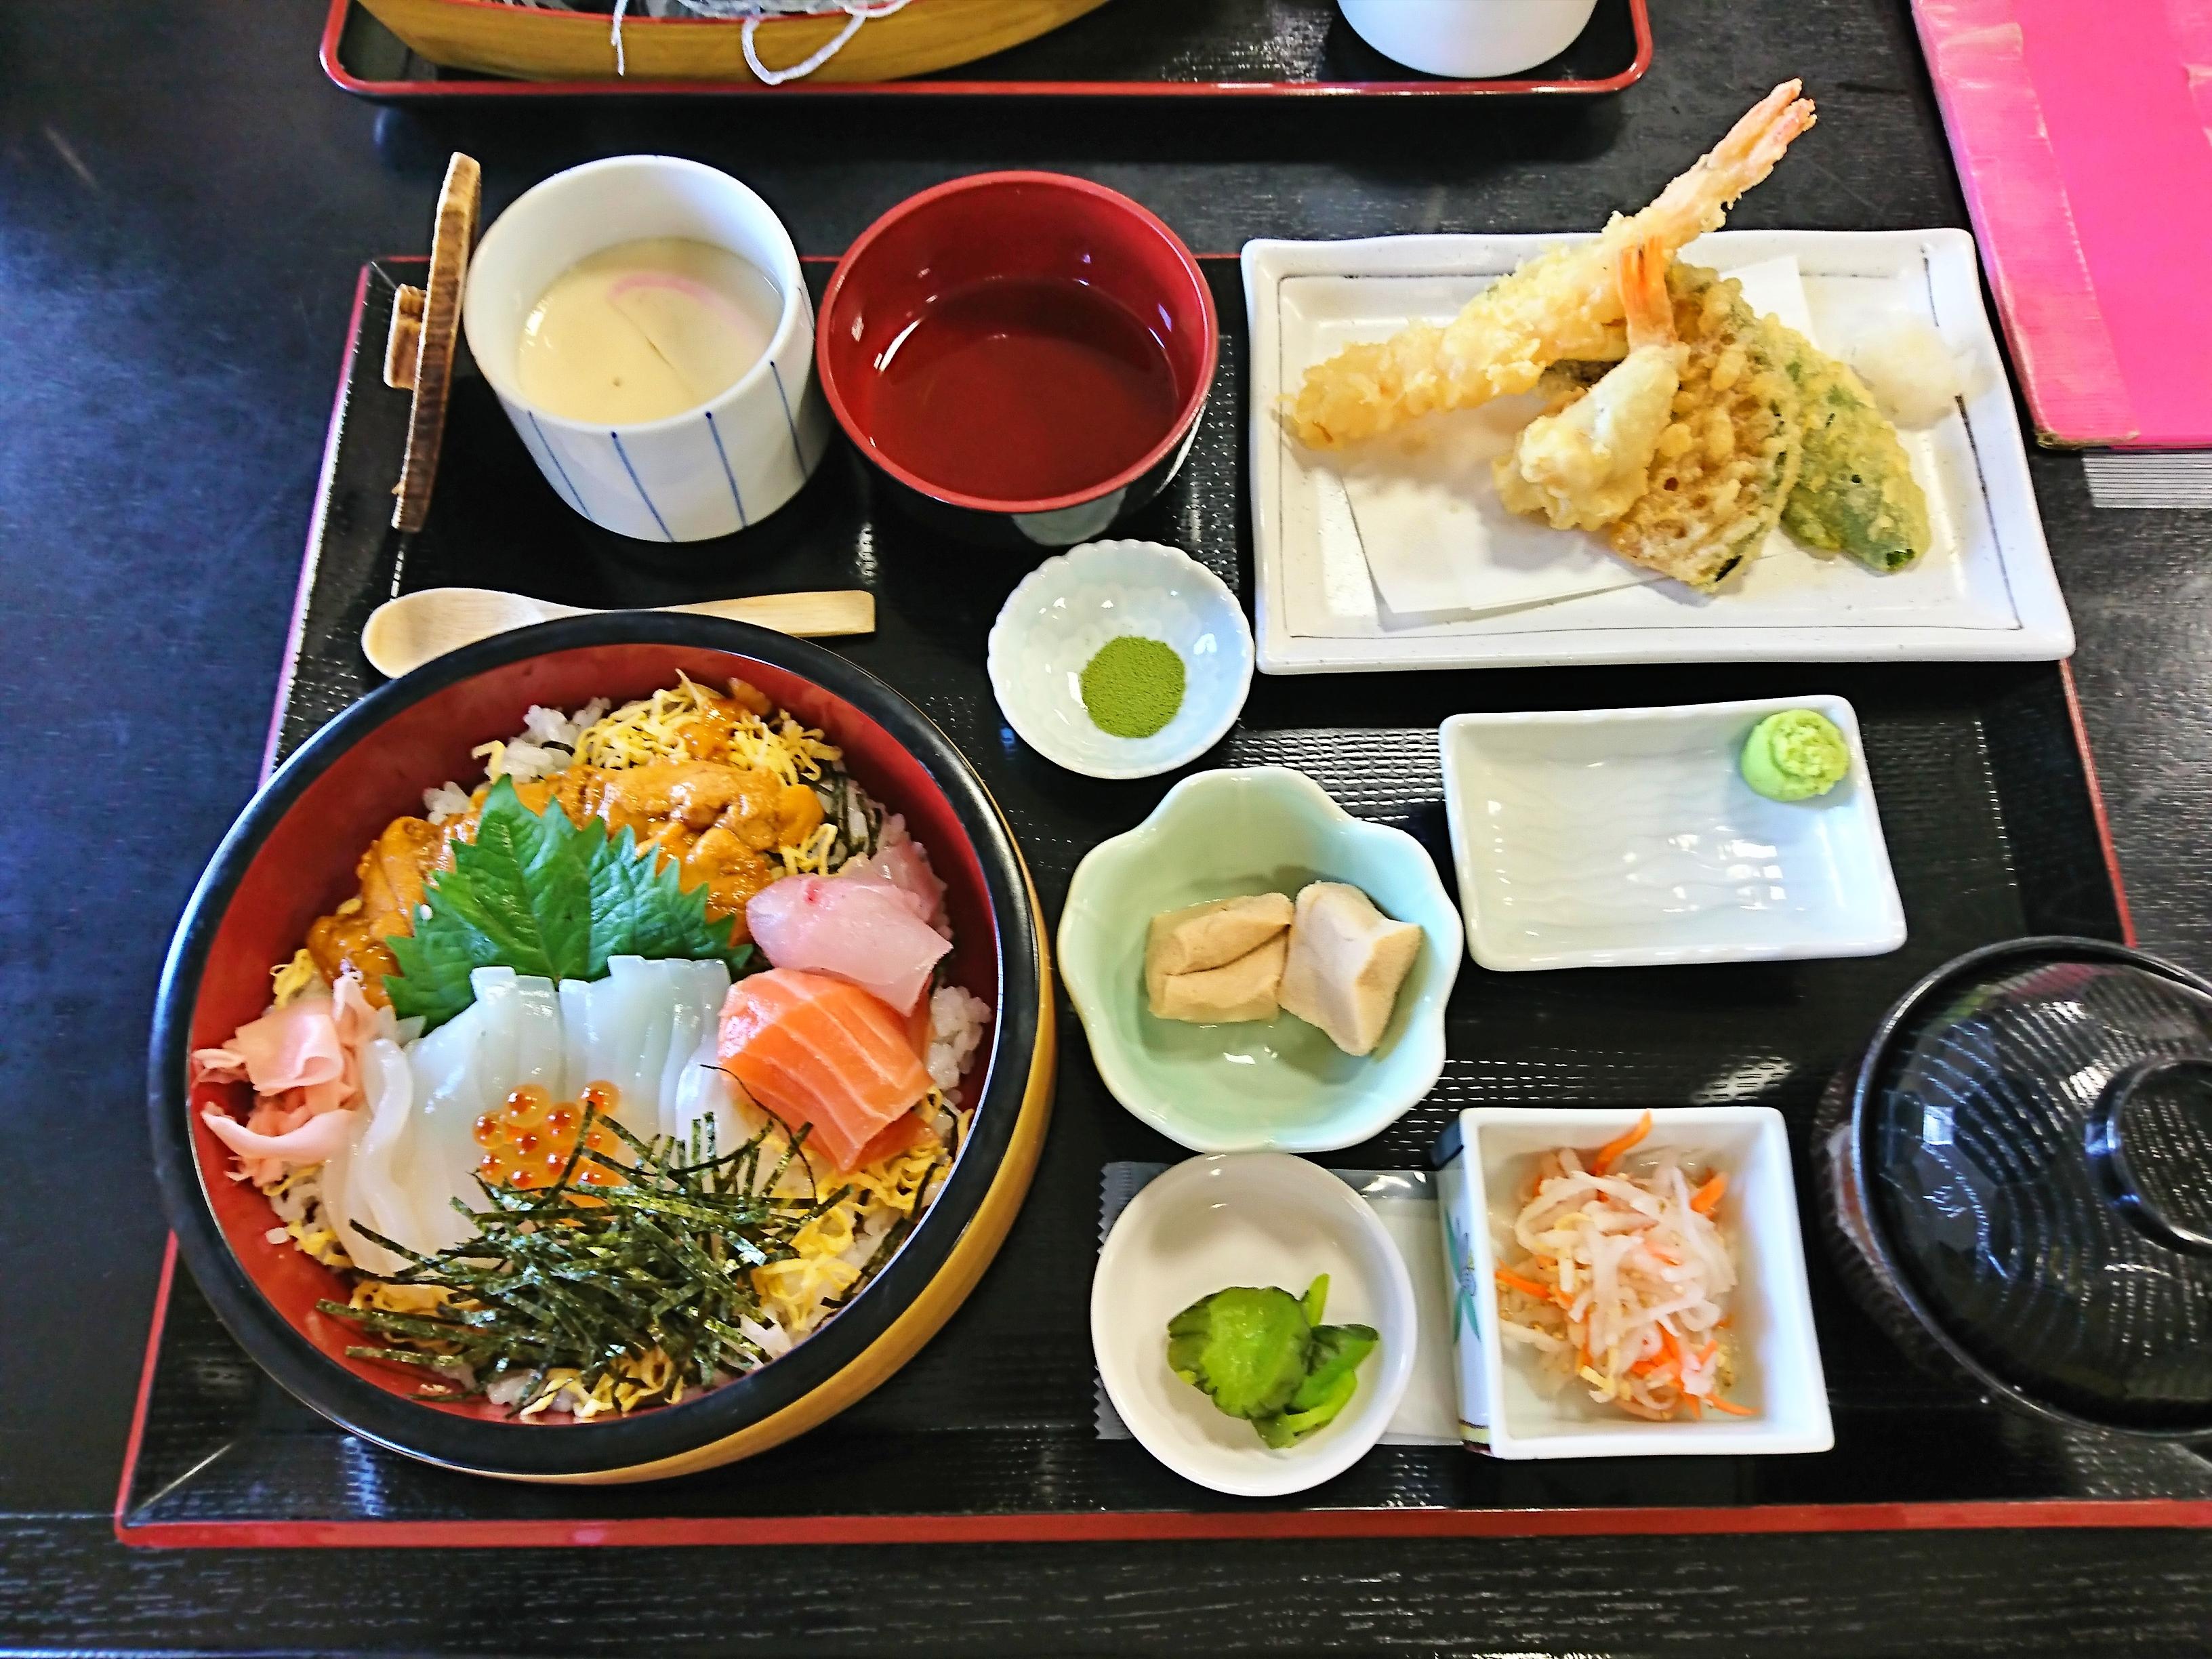 境港お食事処かいがんの白いかとうに丼天ぷら付き